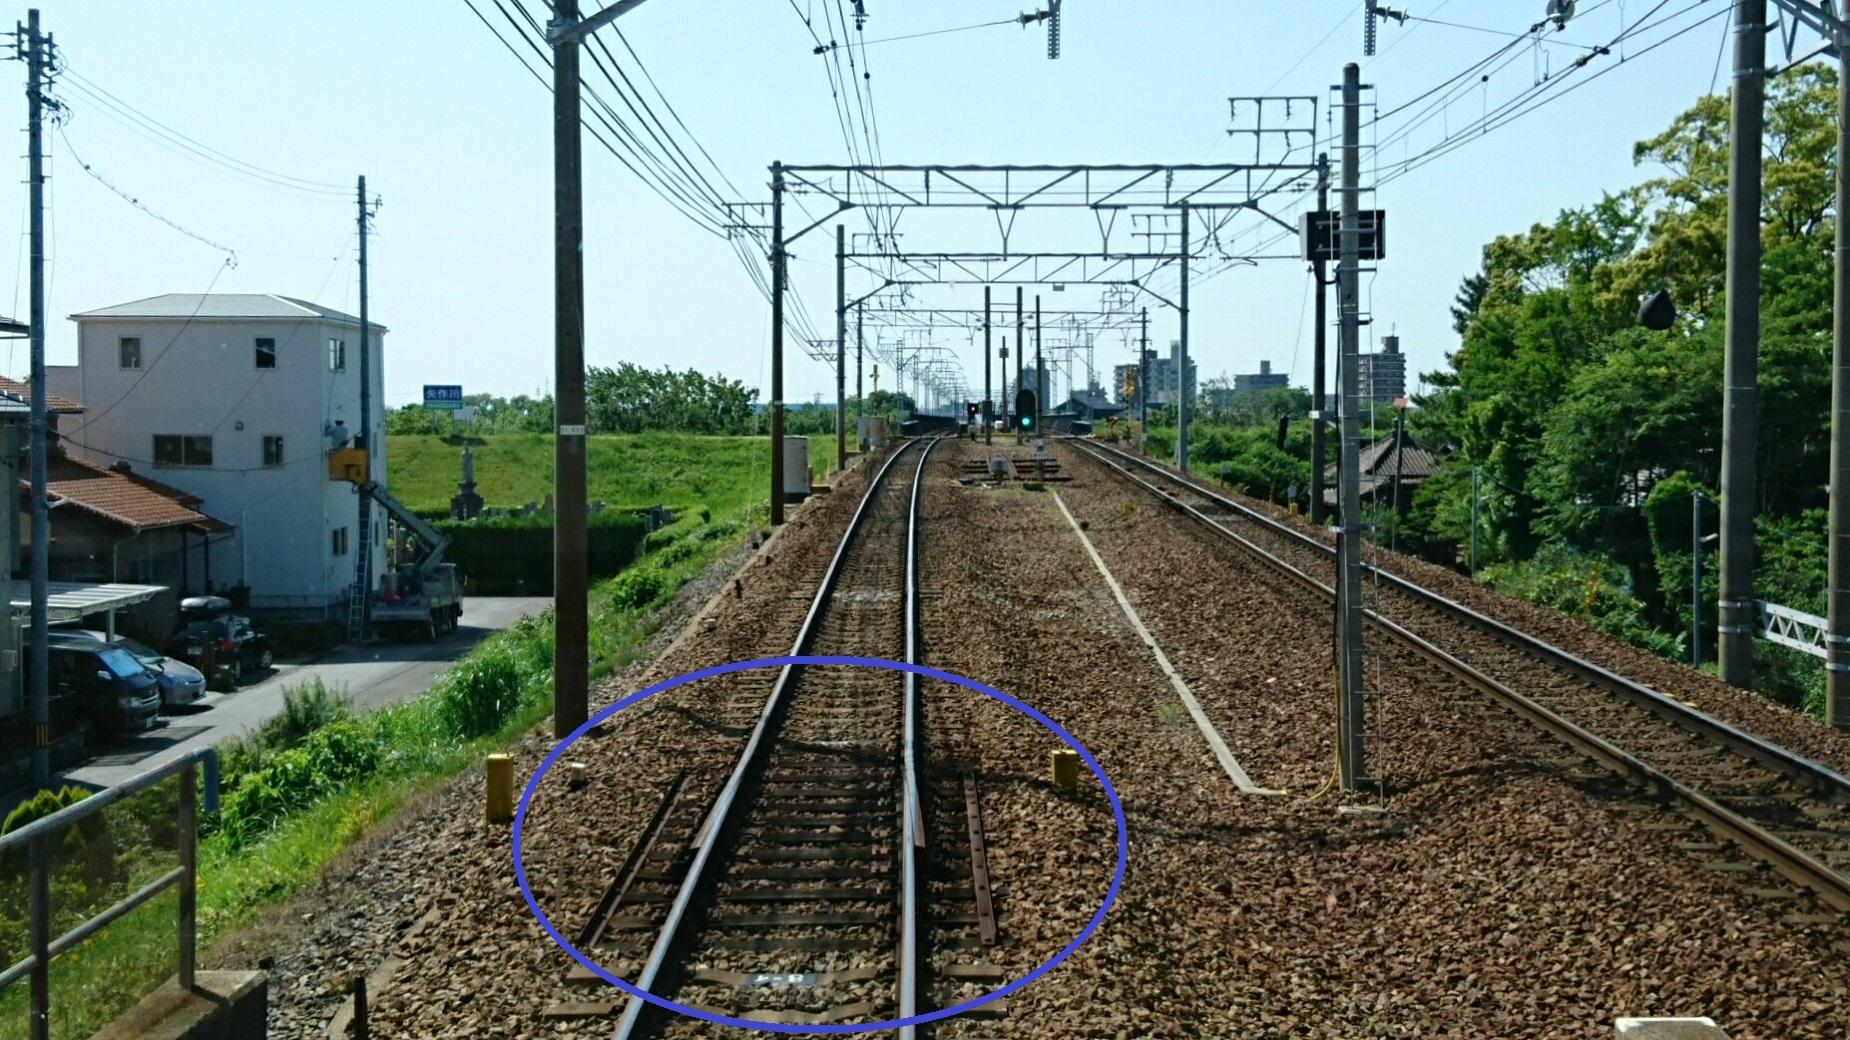 2018.5.14 犬山いきふつう (8) 岡崎公園前-矢作橋間 1850-1040